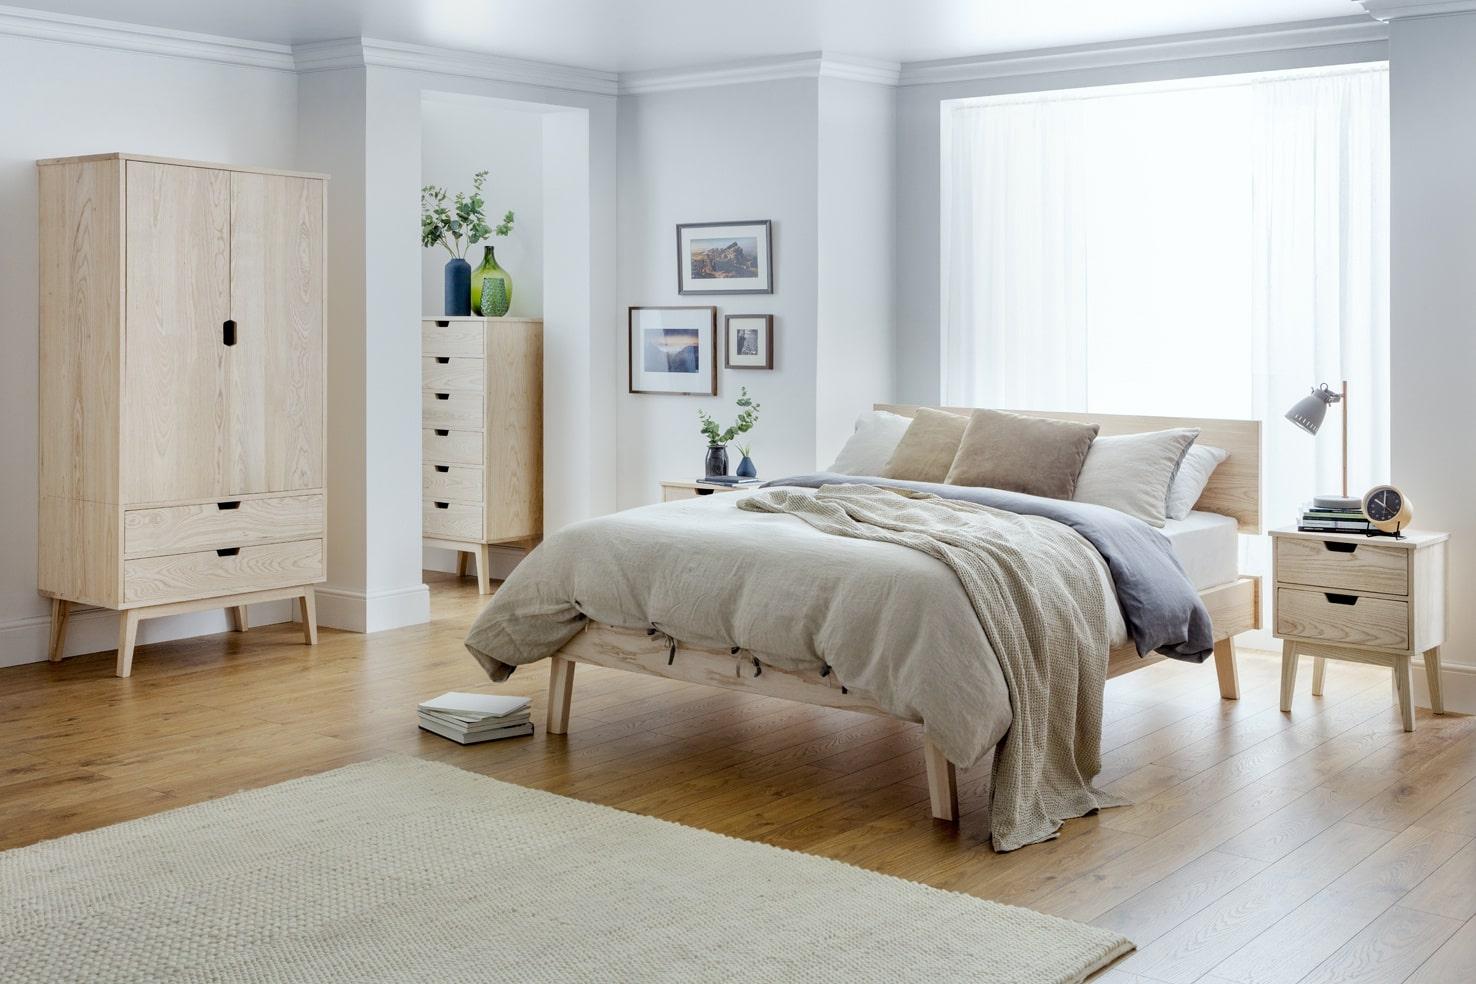 thiết kế phong ngủ sacandinavian